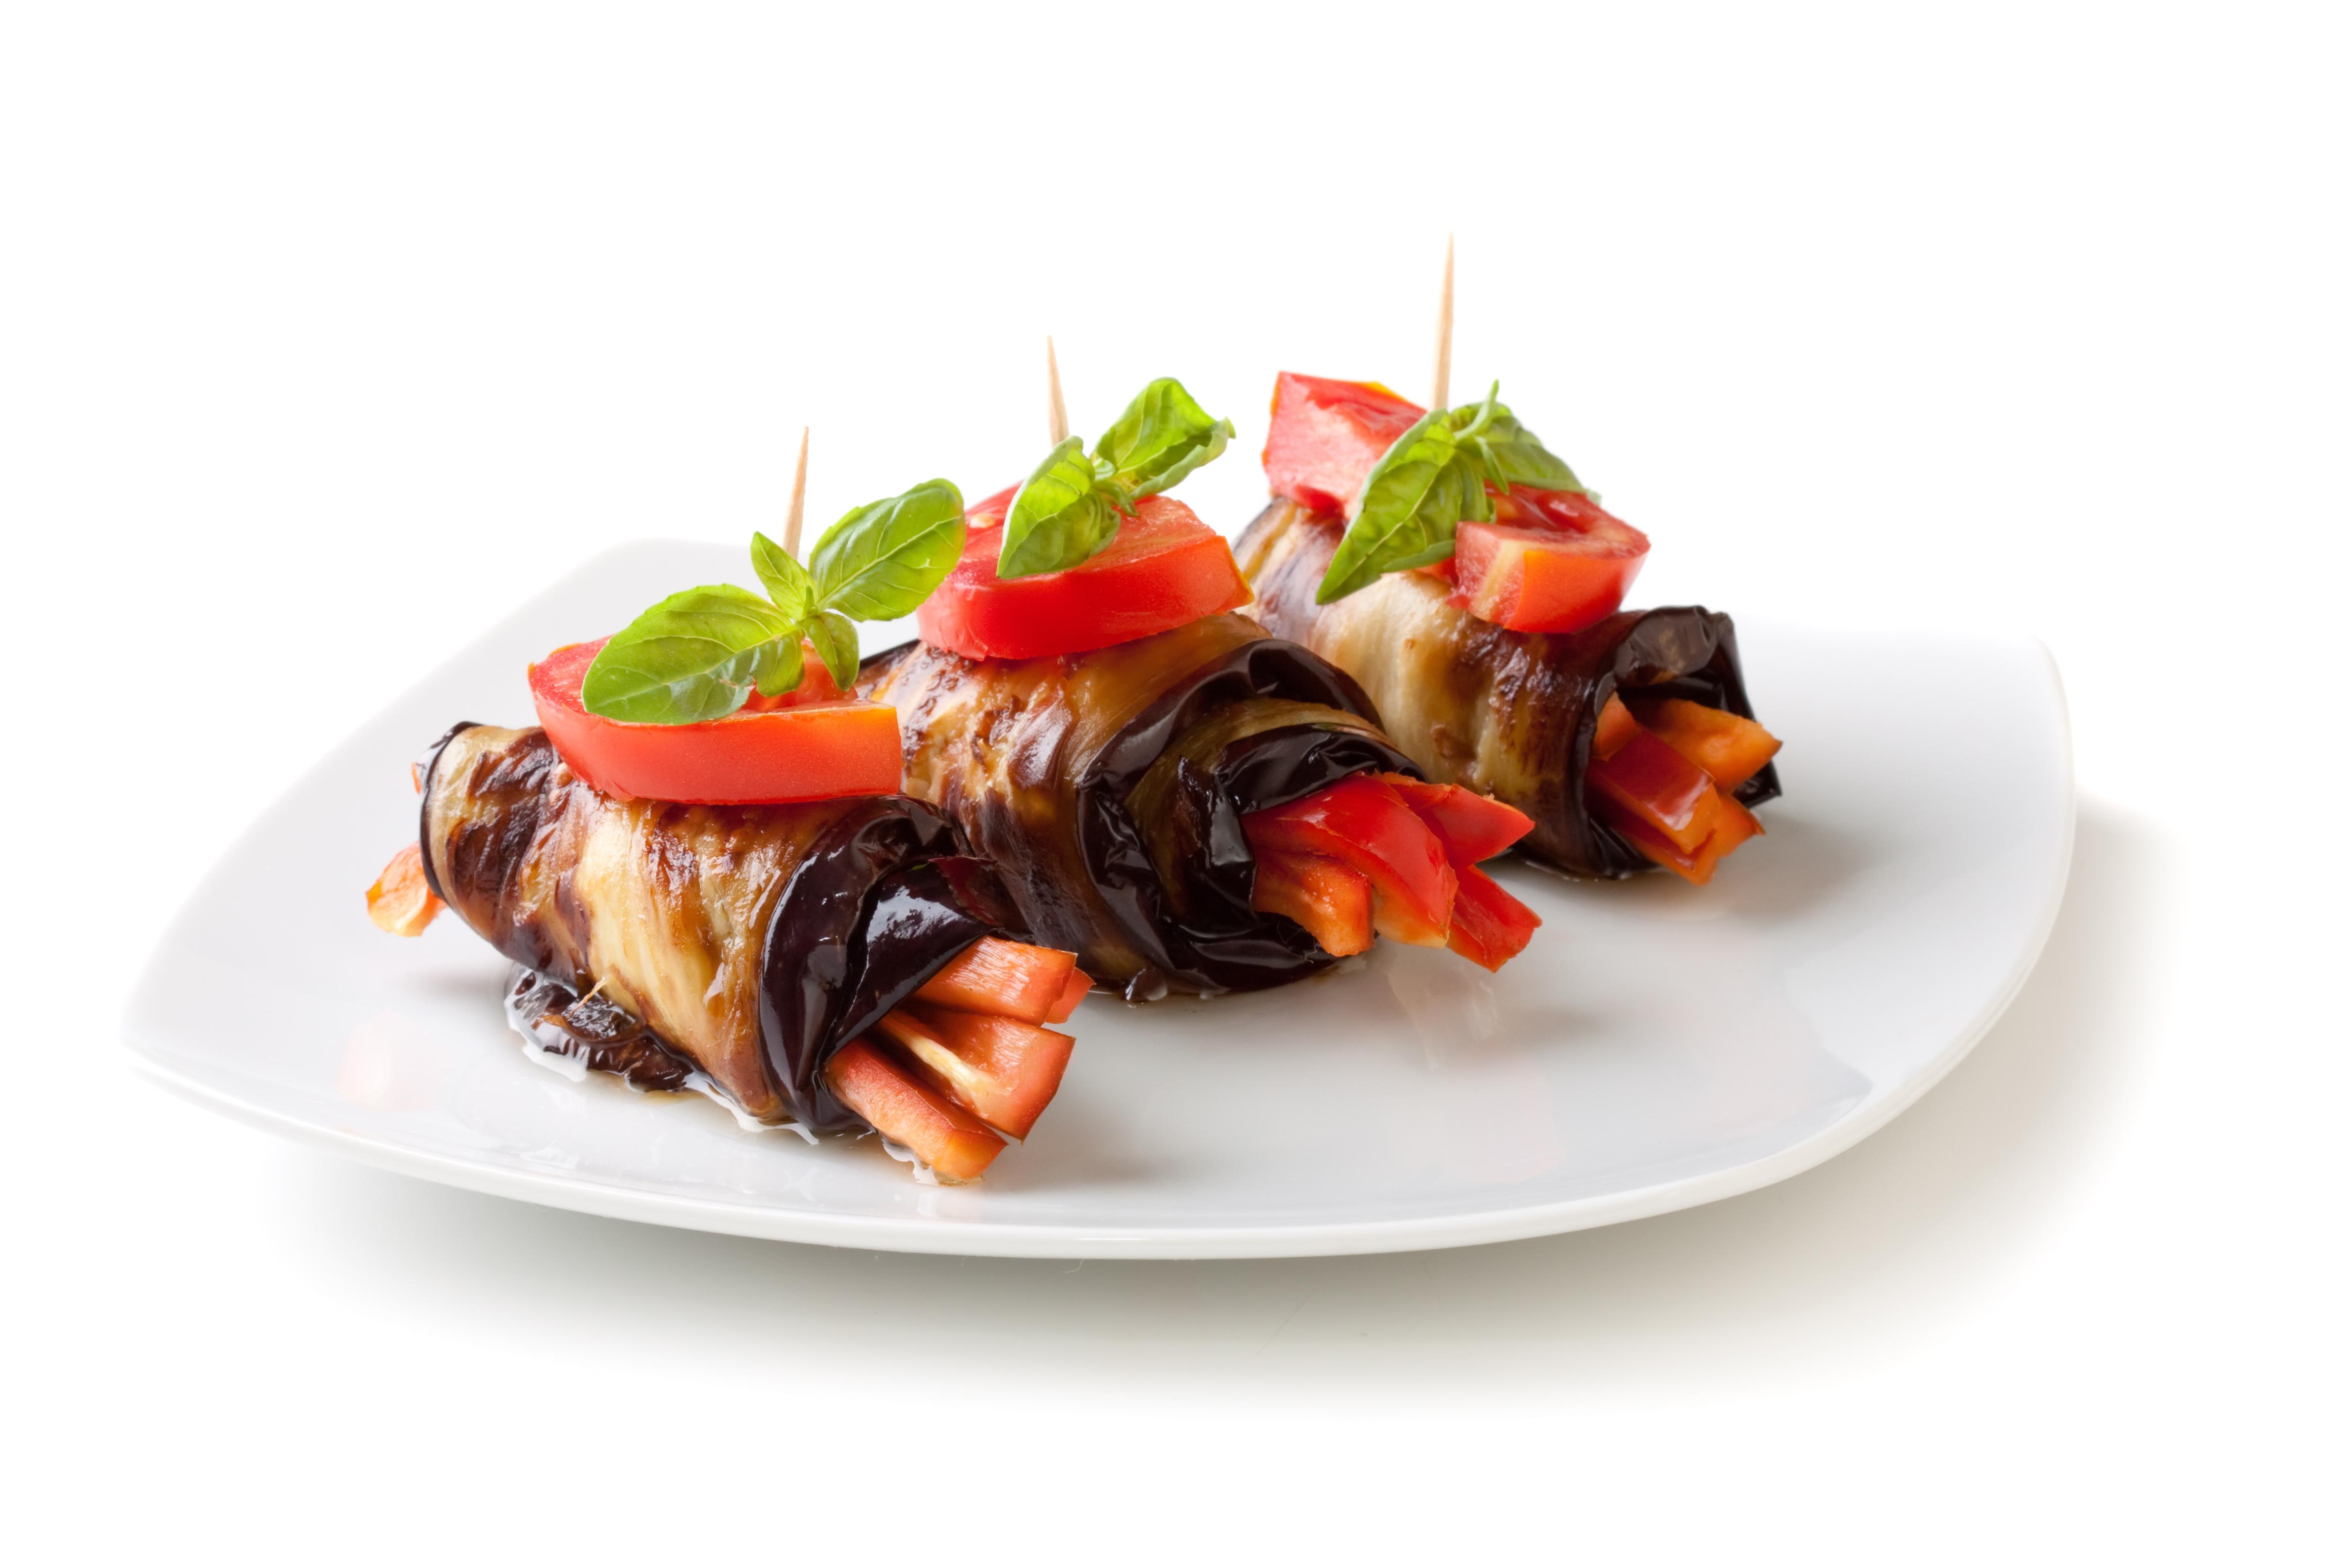 Comida gourmet una experiencia m s que un servicio for Tipos de platos